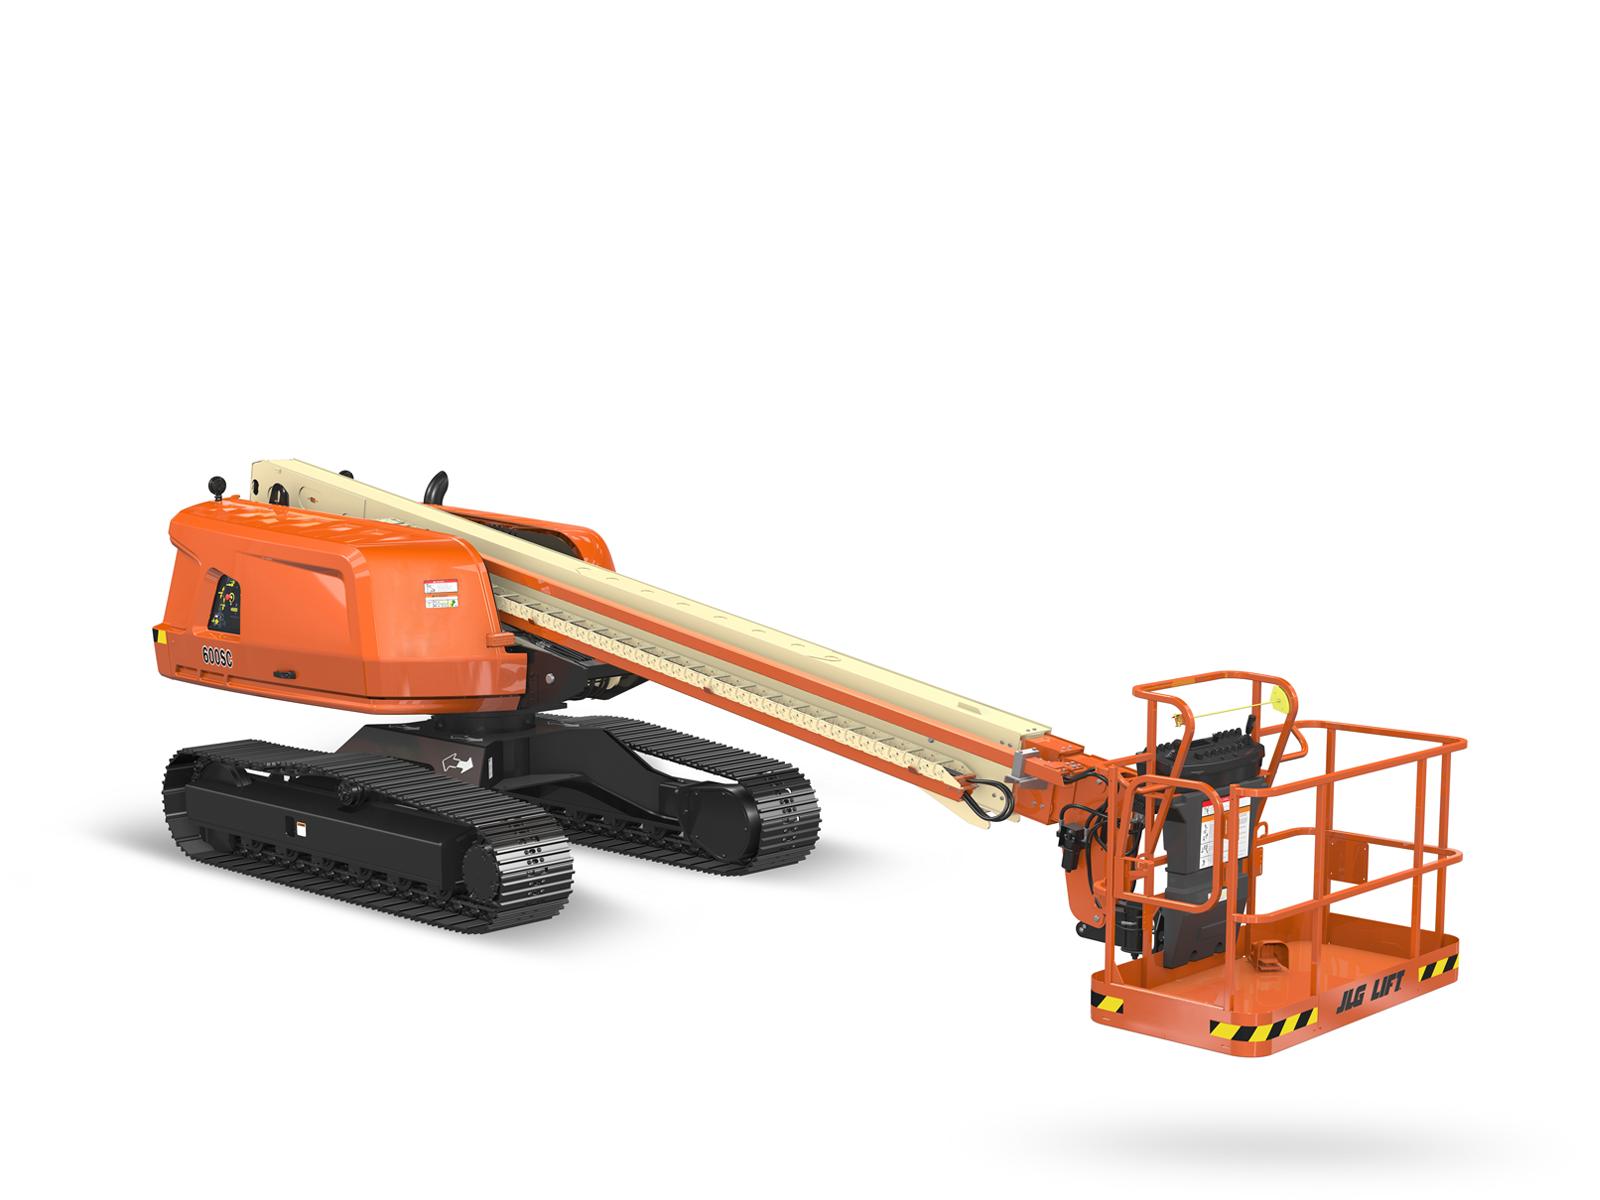 600sc telescopic crawler boom lift jlg rh jlg com jlg lift 600aj manual jlg lifts manuals model e450aj